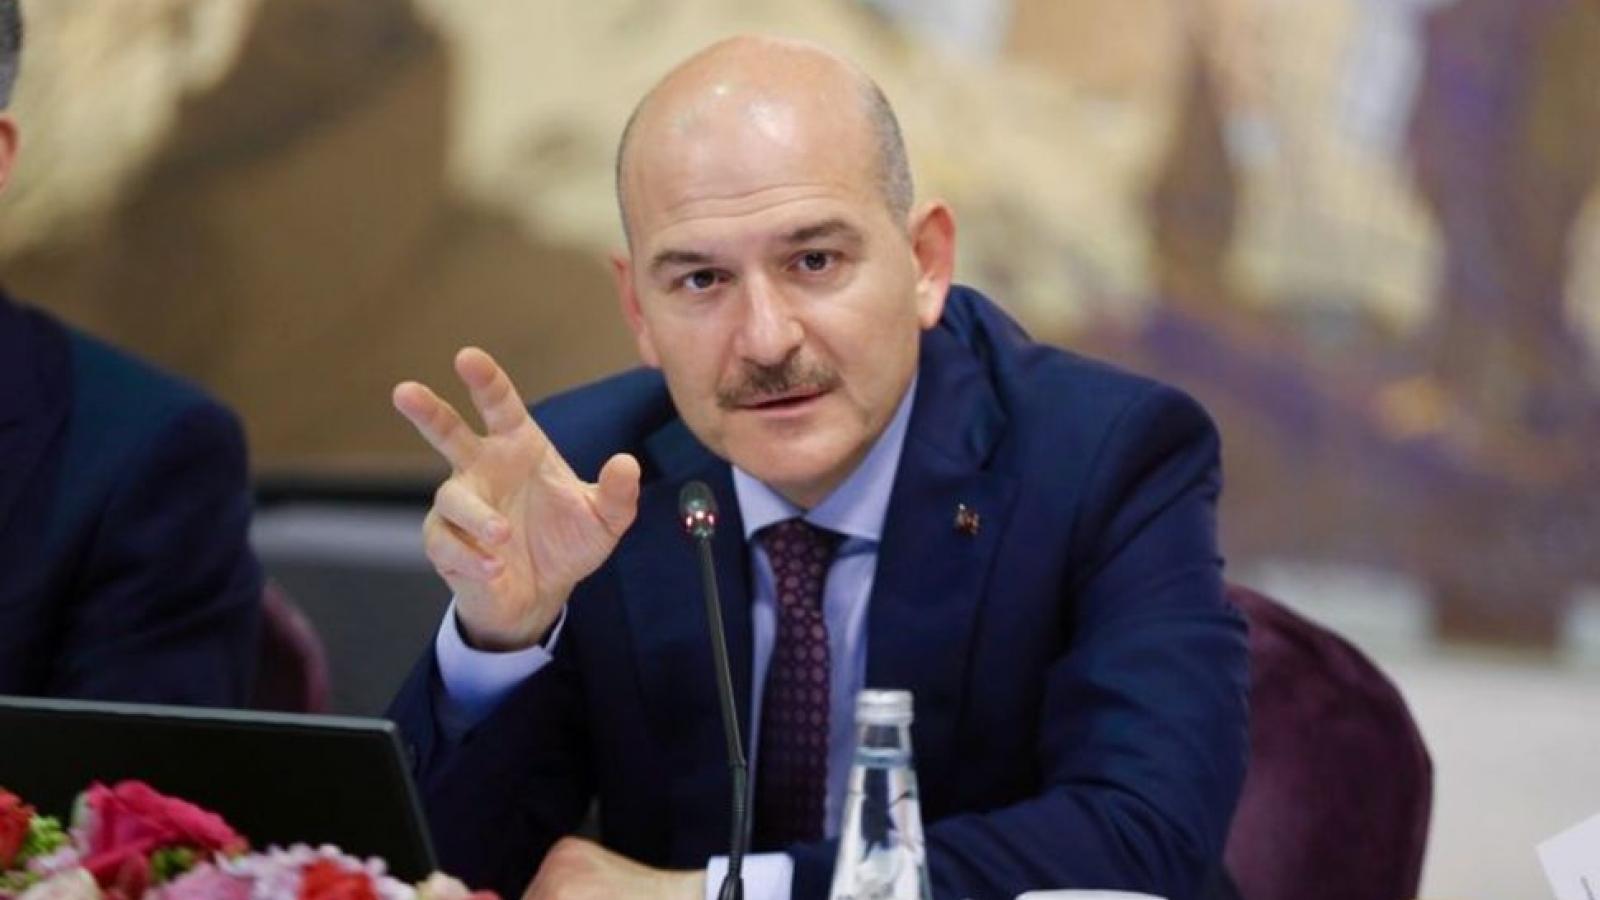 Thổ Nhĩ Kỳ cáo buộc Mỹ đứng sau vụ đảo chính bất thành năm 2016, Mỹ phủ nhận